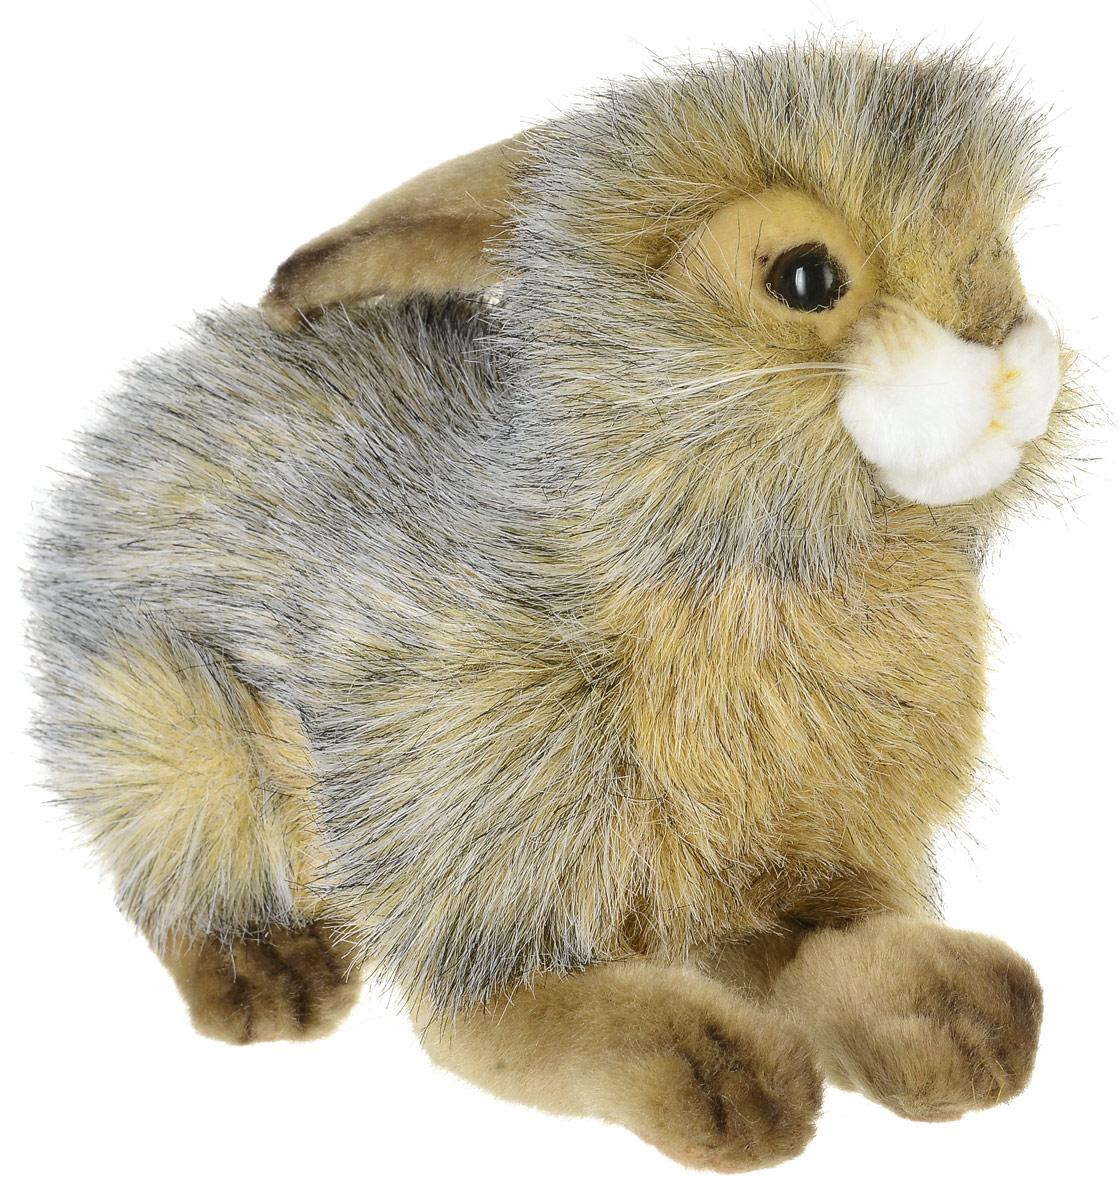 Hansa Toys Мягкая игрушка Кролик 25 см6284Кролики принадлежат к семейству зайцевых, длина их тела составляет 30-60 см, вес колеблется от 1 до 5 кг. Уши у них длинные (не менее 50% длины головы), заостренные на конце, у основания они образуют трубку. Задние ноги у большинства видов значительно длиннее передних. Кролики распространены по всему миру. Они питаются преимущественно по ночам, в основном травами, корой деревьев и овощами. Кролики отличаются от зайцев тем, что их детеныши обычно рождаются слепыми и голыми и выращиваются в норах. Живет кролик в среднем около 10 лет. Мягкая игрушка Hansa Toys Кролик обязательно понравится вам и вашему малышу, а также познакомит вас с этим животным.